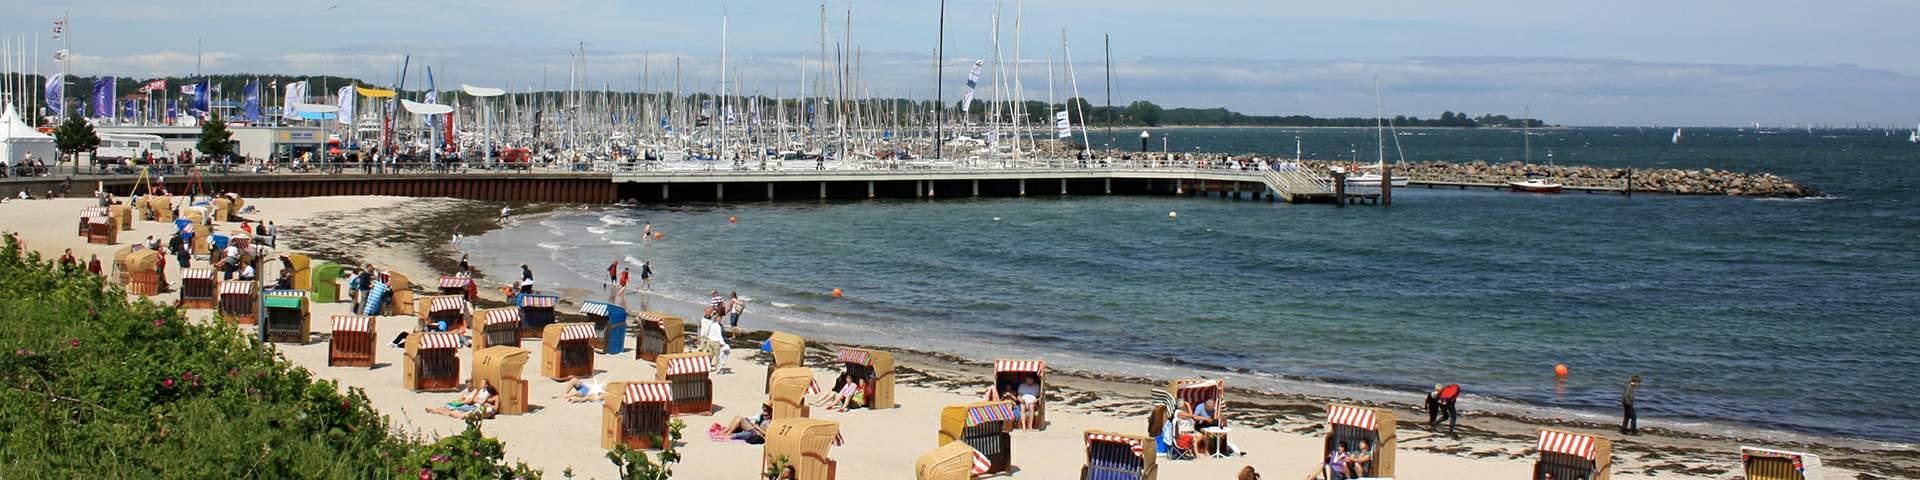 Öko-Ferienwohnung Kiel